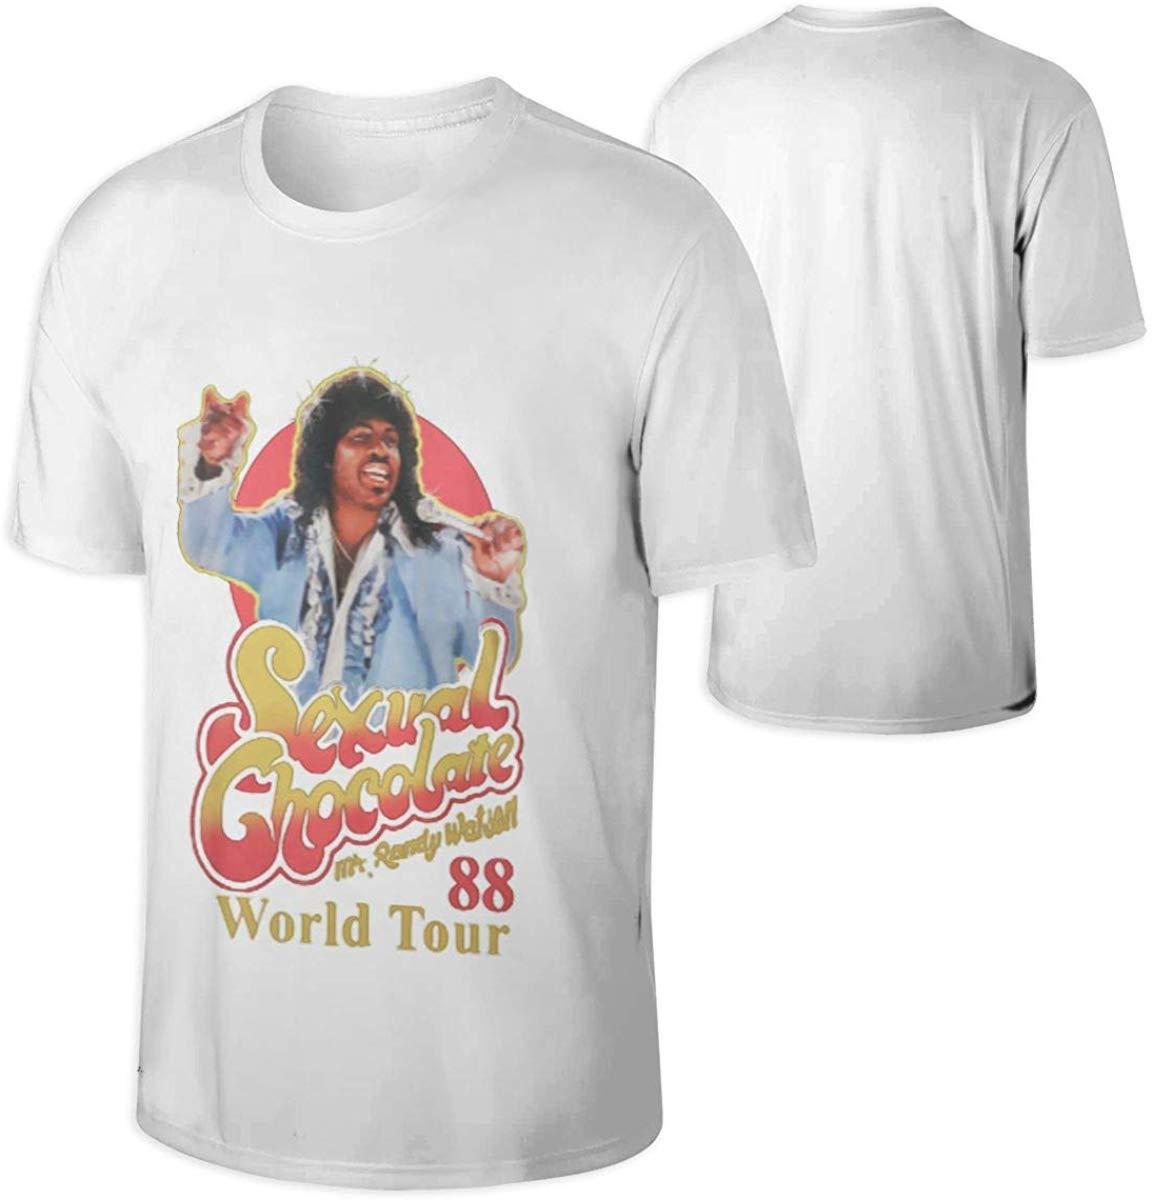 Nevaehbriella, Chocolate Sexual para hombres, Camiseta de algodón Randy Watson, Sudadera negra con capucha para hombres y mujeres